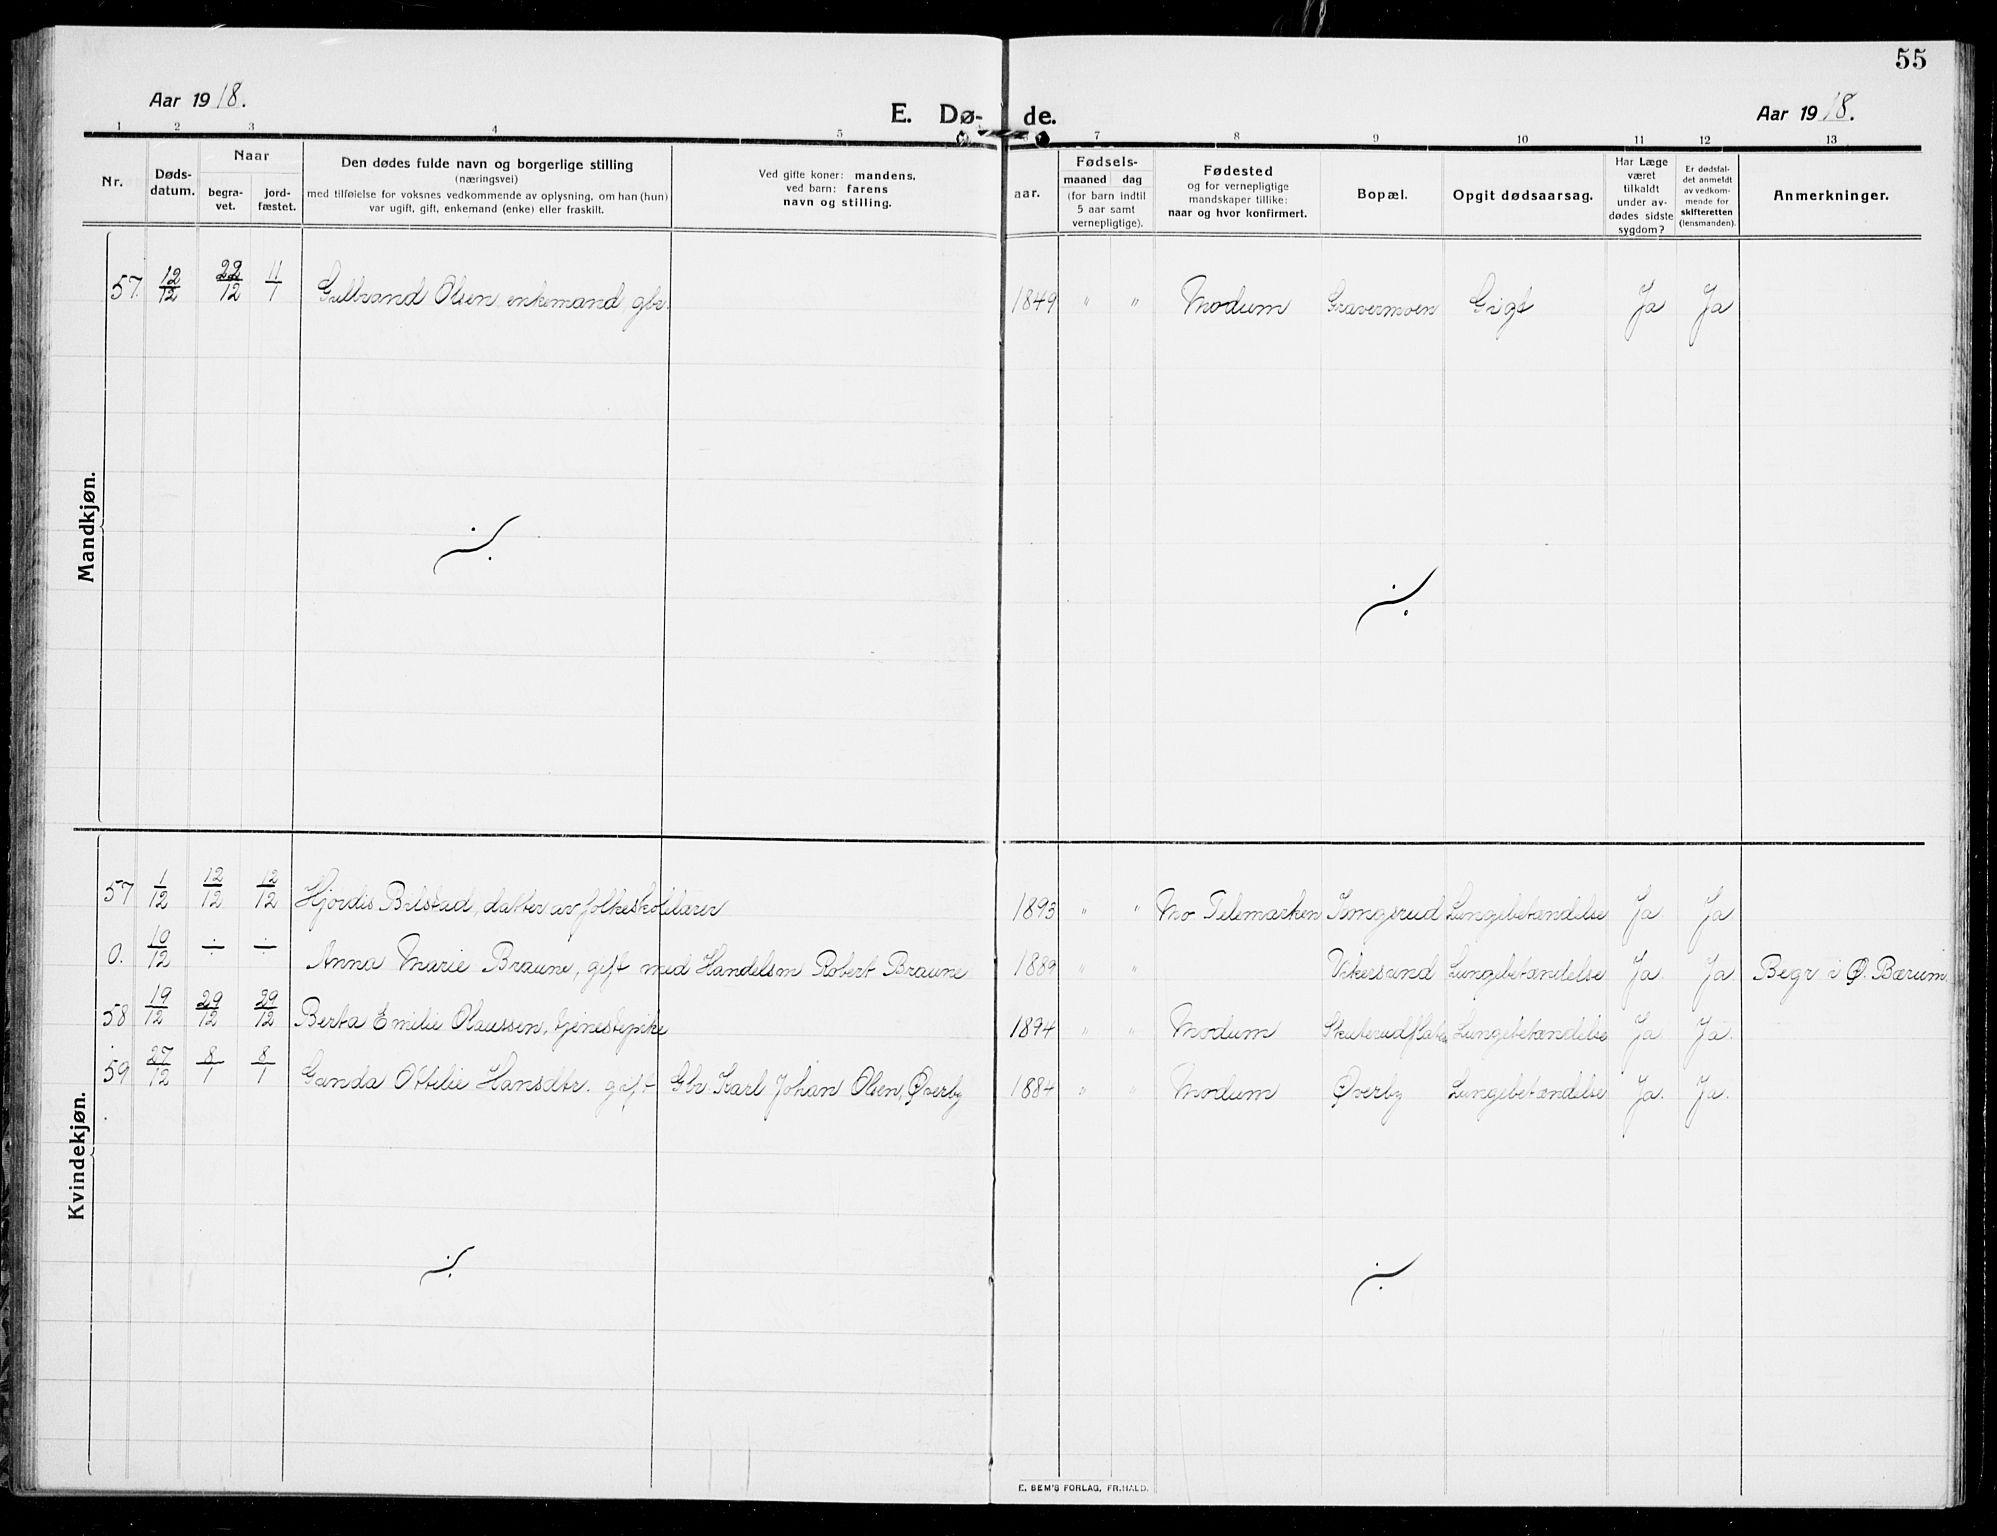 SAKO, Modum kirkebøker, G/Ga/L0011: Klokkerbok nr. I 11, 1910-1925, s. 55